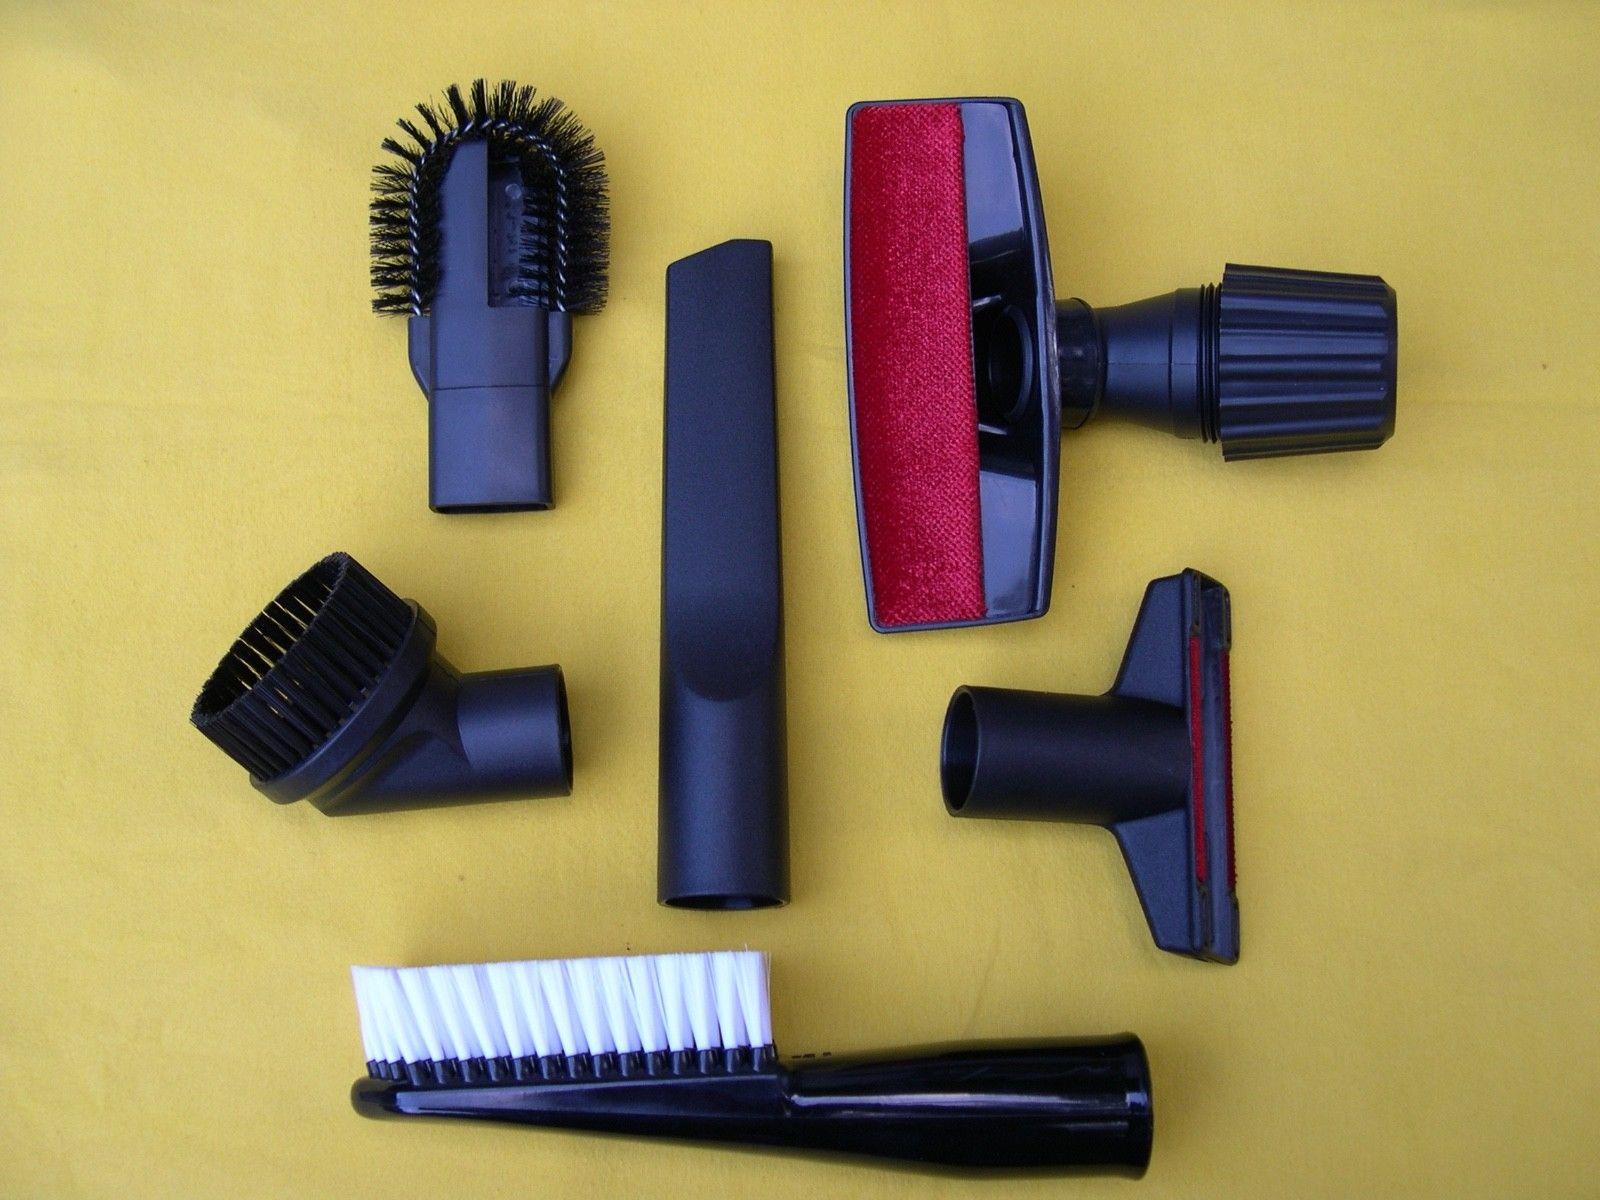 KUS 500 Mix Rundkopf Musterbeutelklammern Verschlussklammern Musterklammern